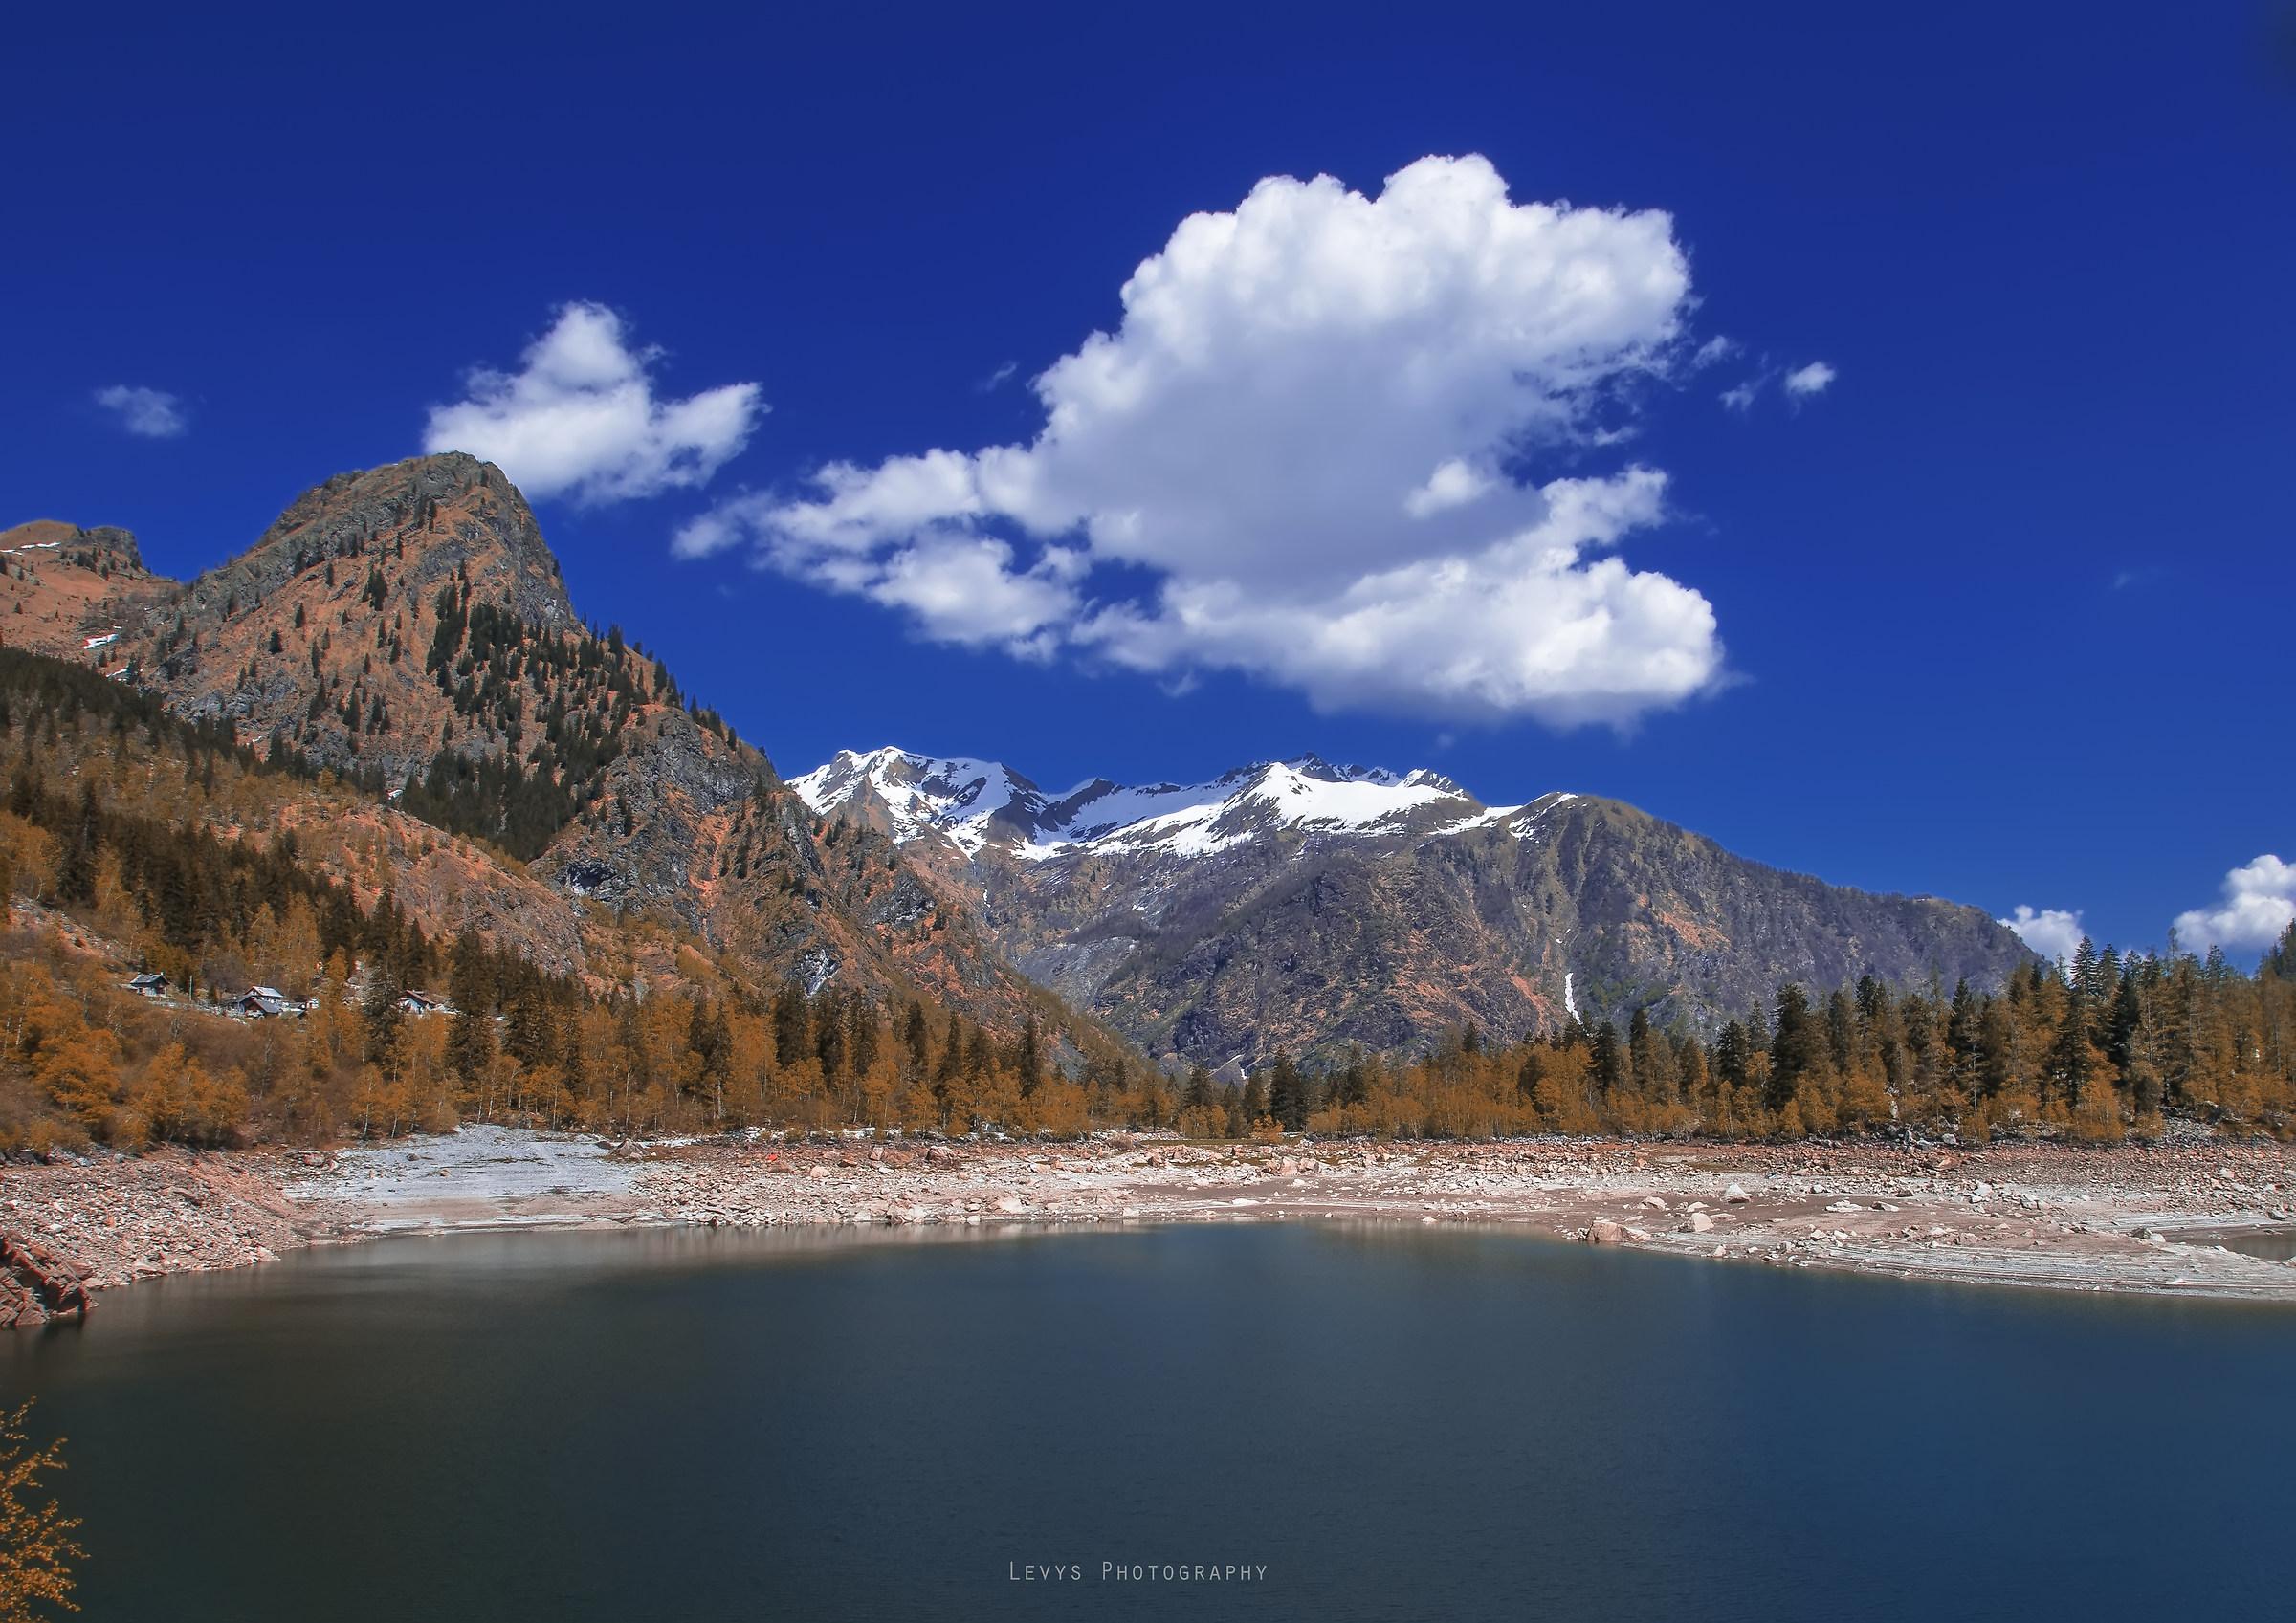 natura meravigliosa e affascinante...